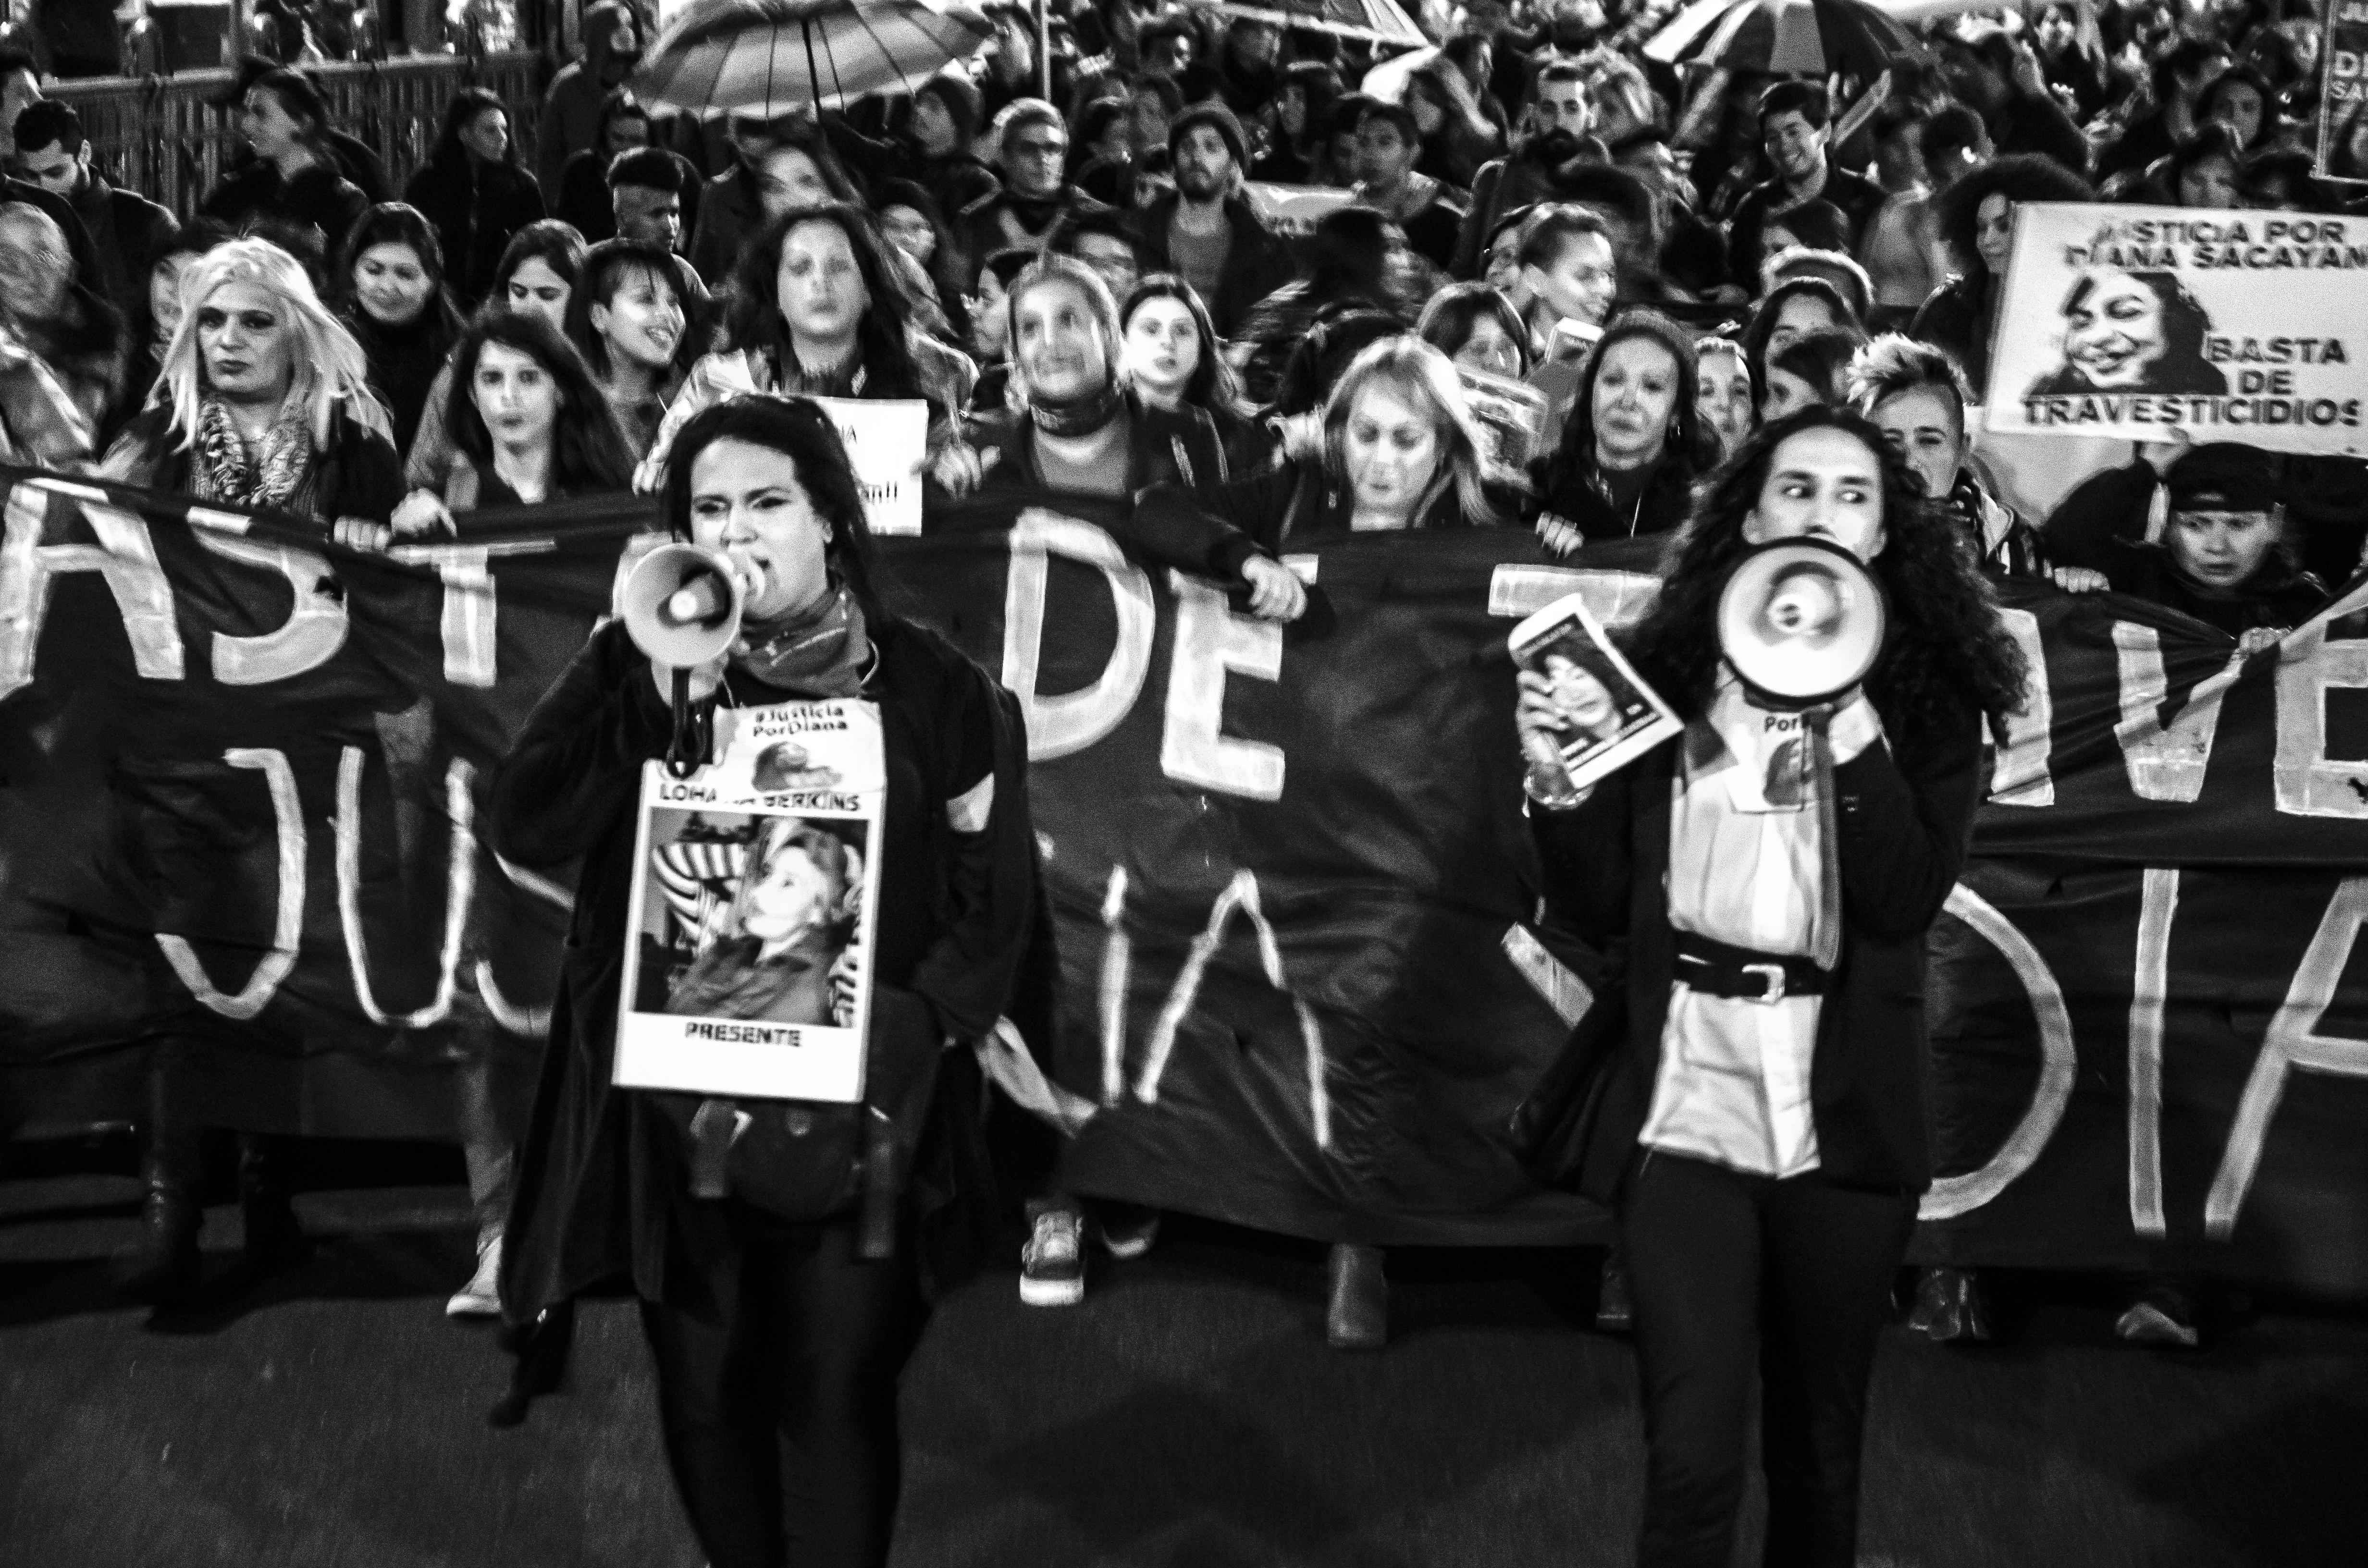 Marchar contra los travesticidios, otro legado de Lohana Berkins